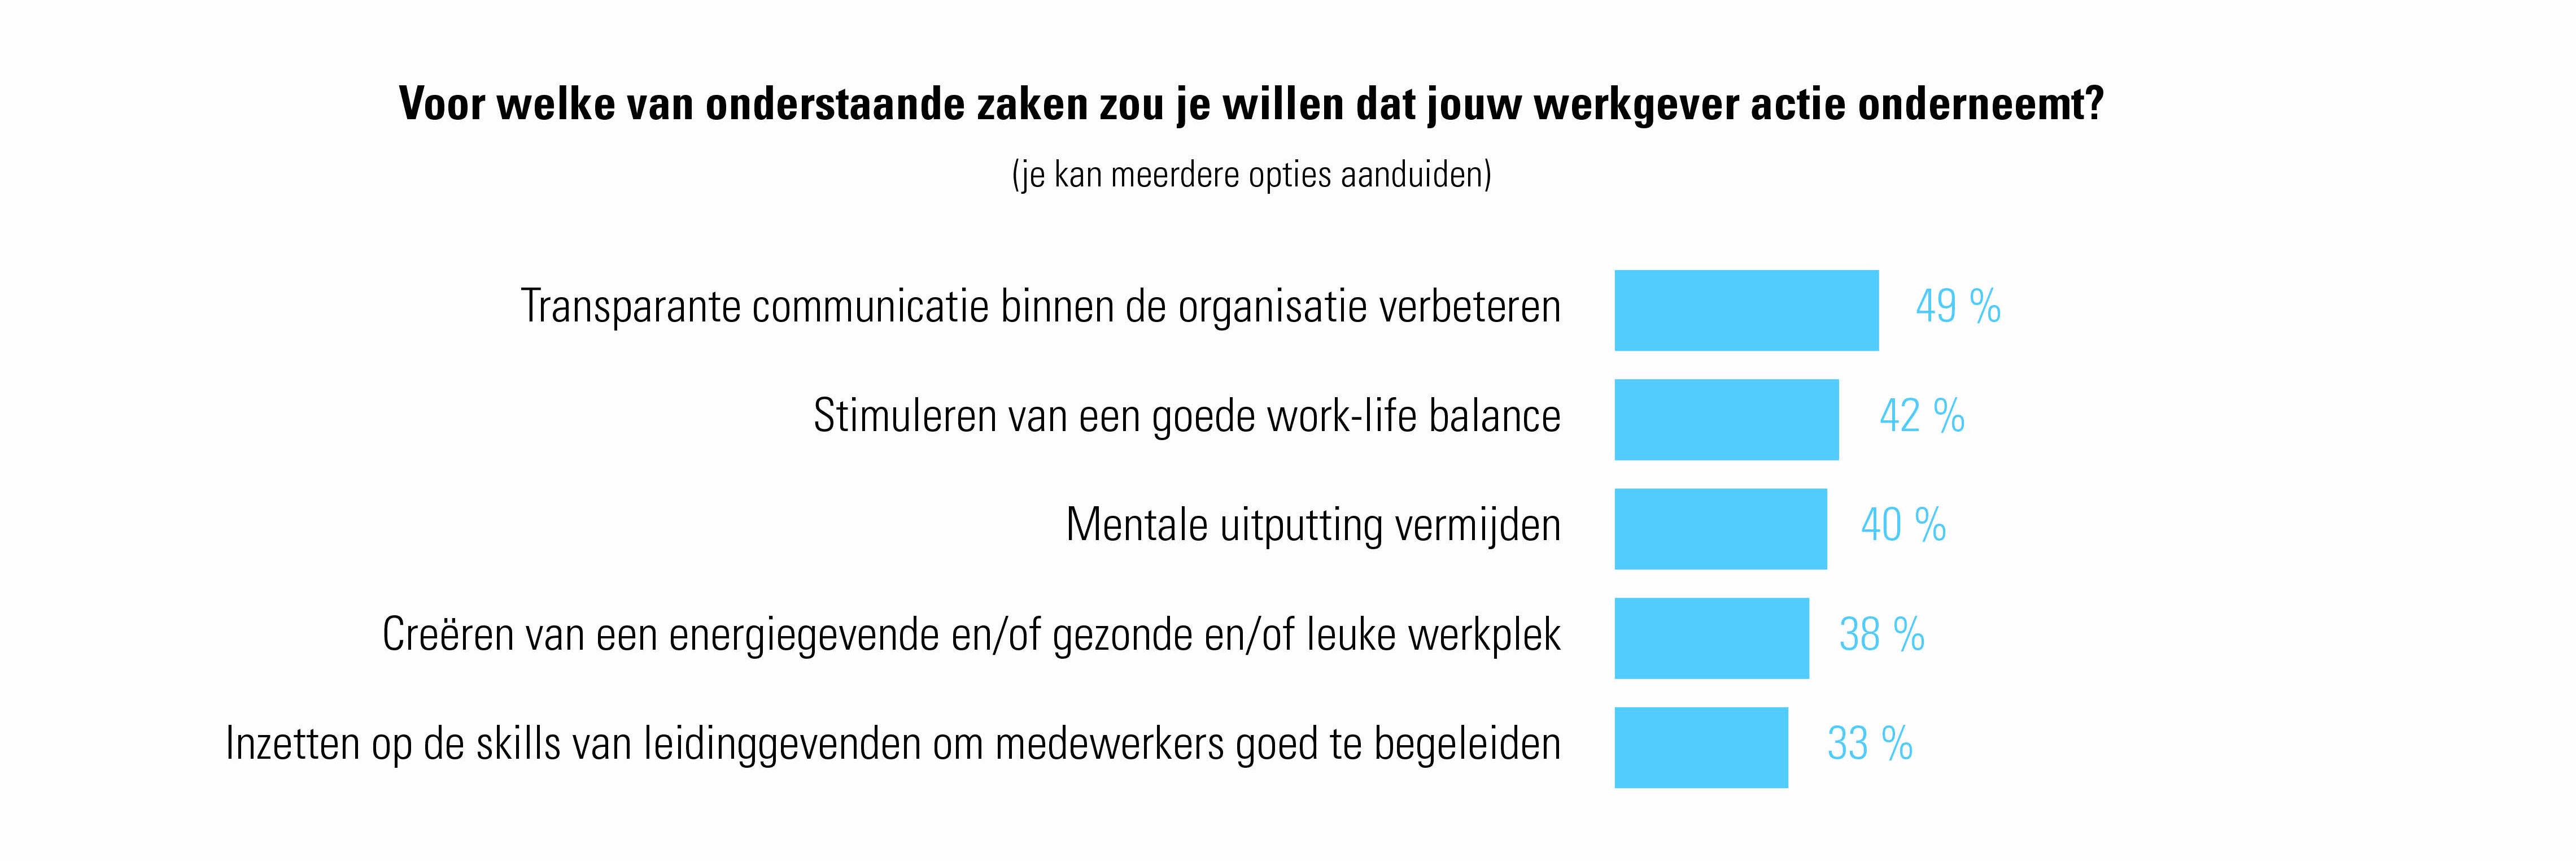 Wenselijke acties van werkgevers volgens werknemers - Werknemersbevraging Talent Pulse 2021